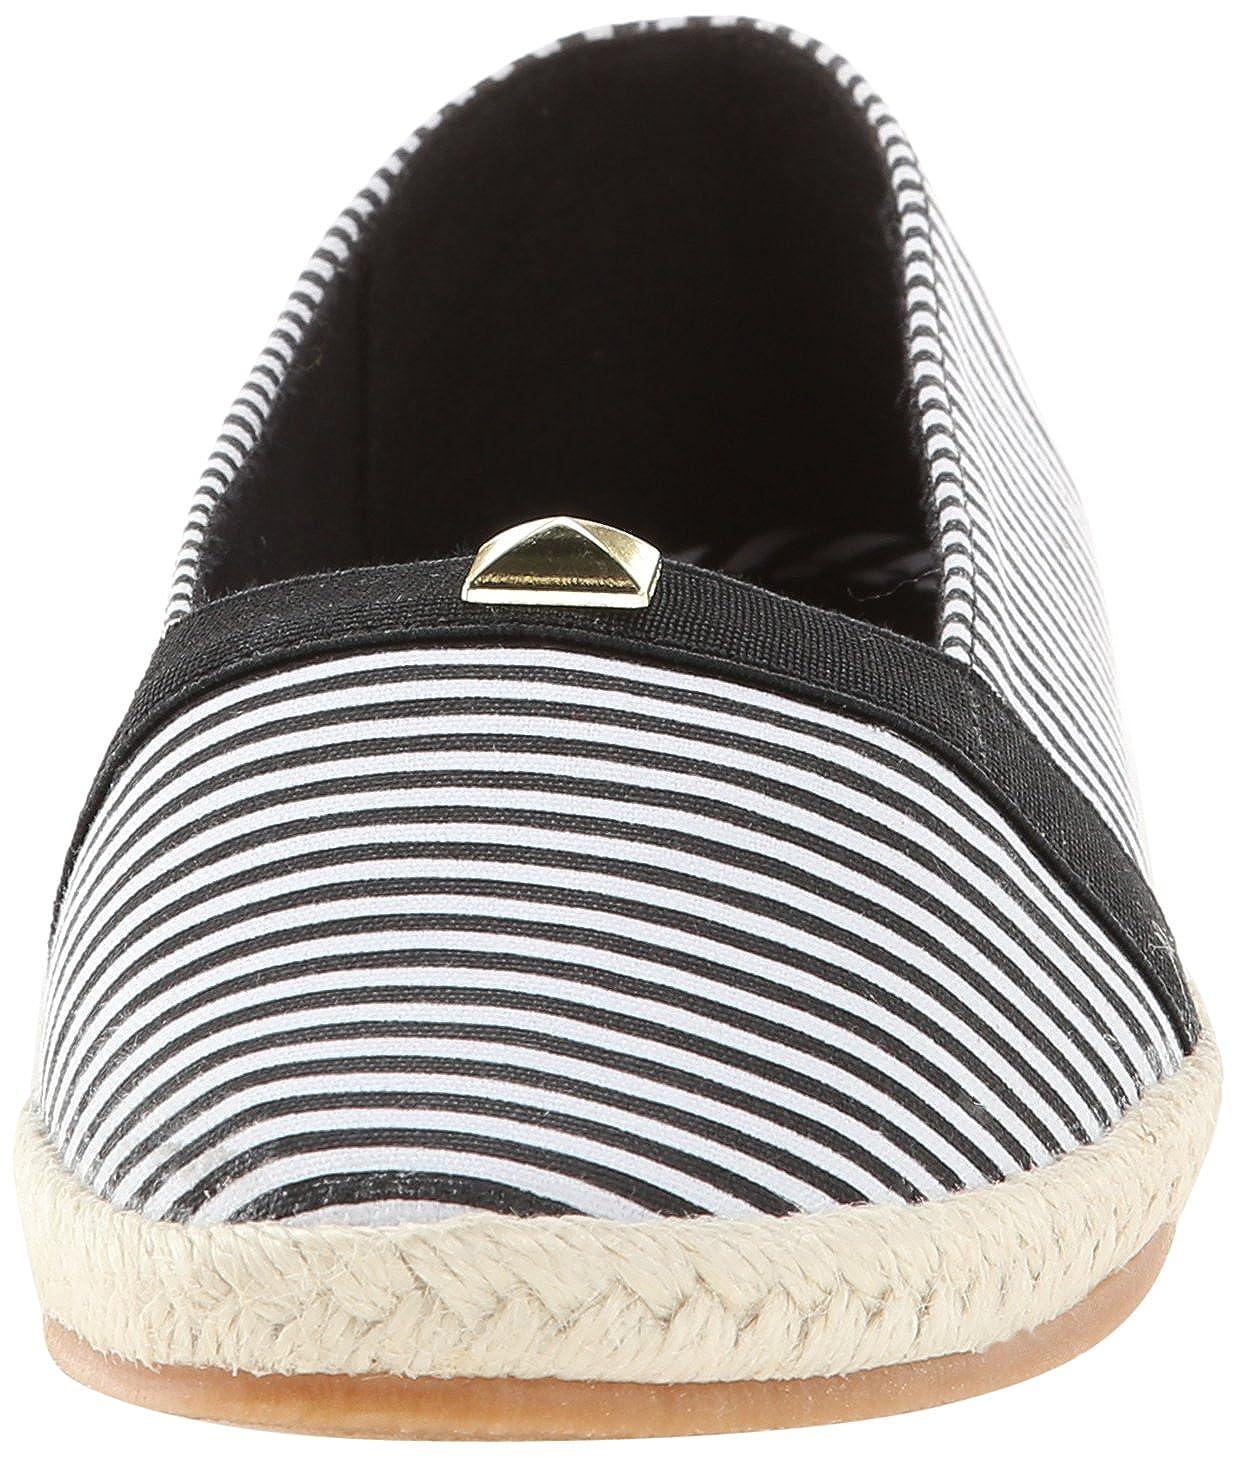 Soft Style Damens's Damens's Damens's Hillary Flat e5aaa1